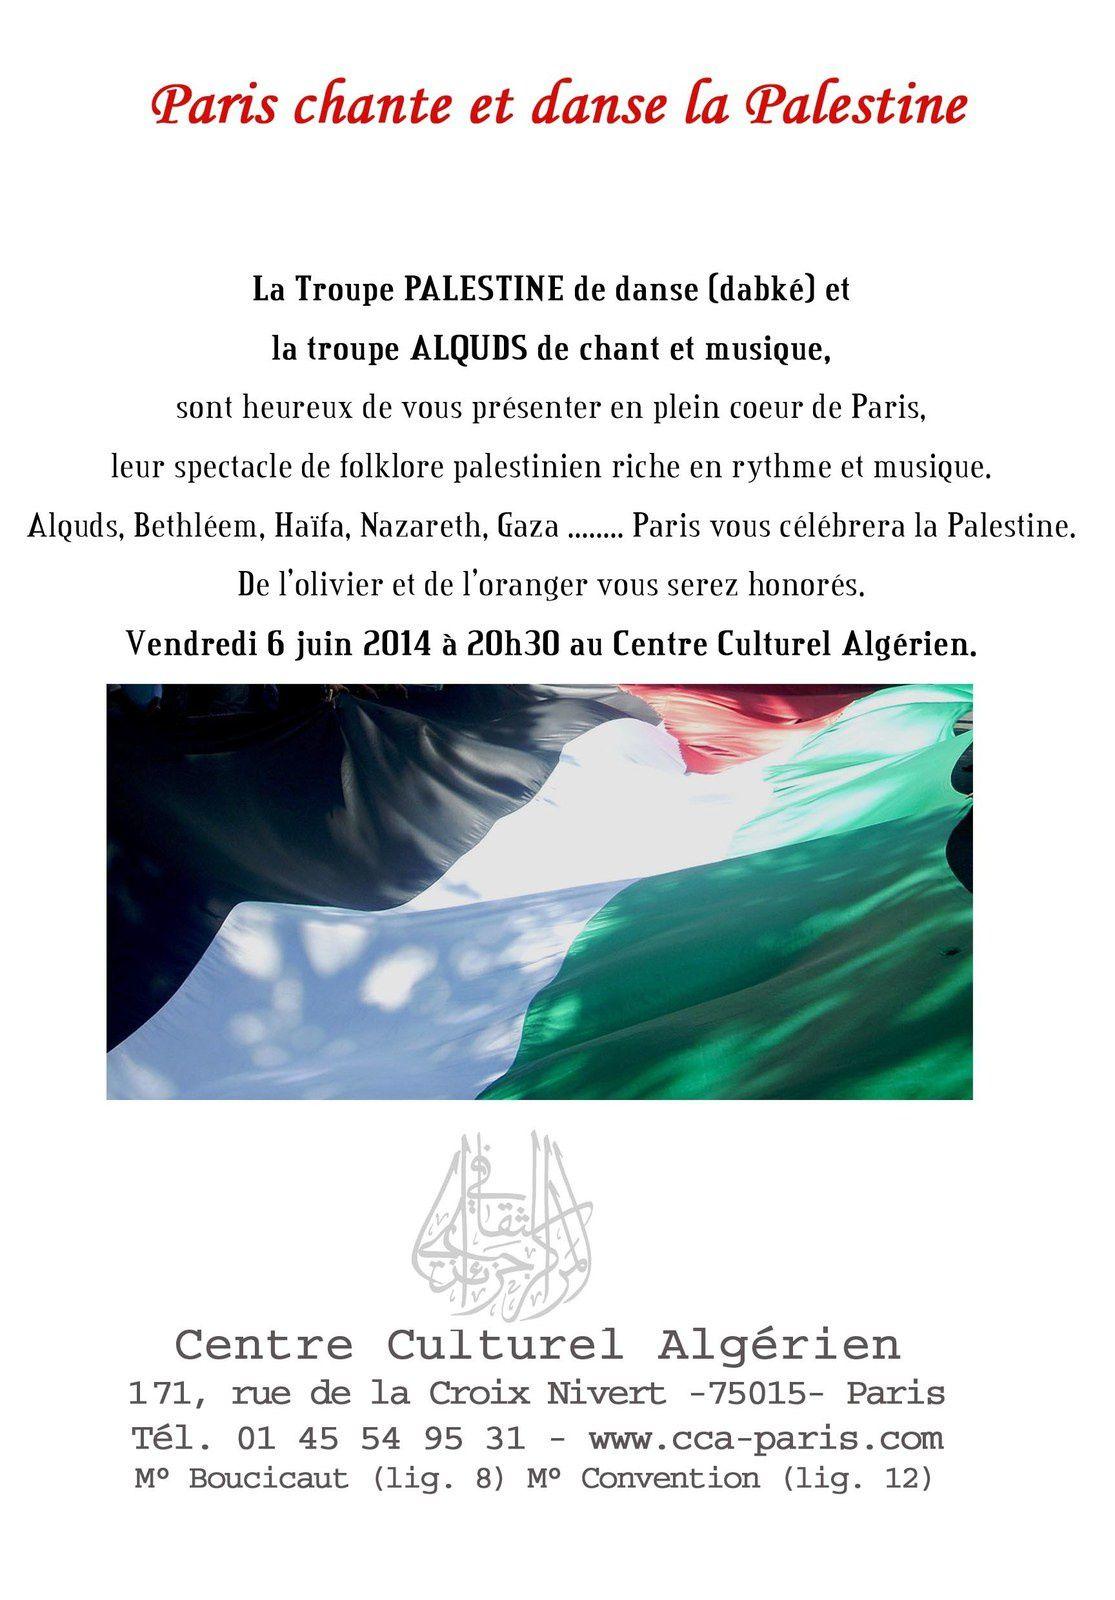 Paris chante et danse la Palestine